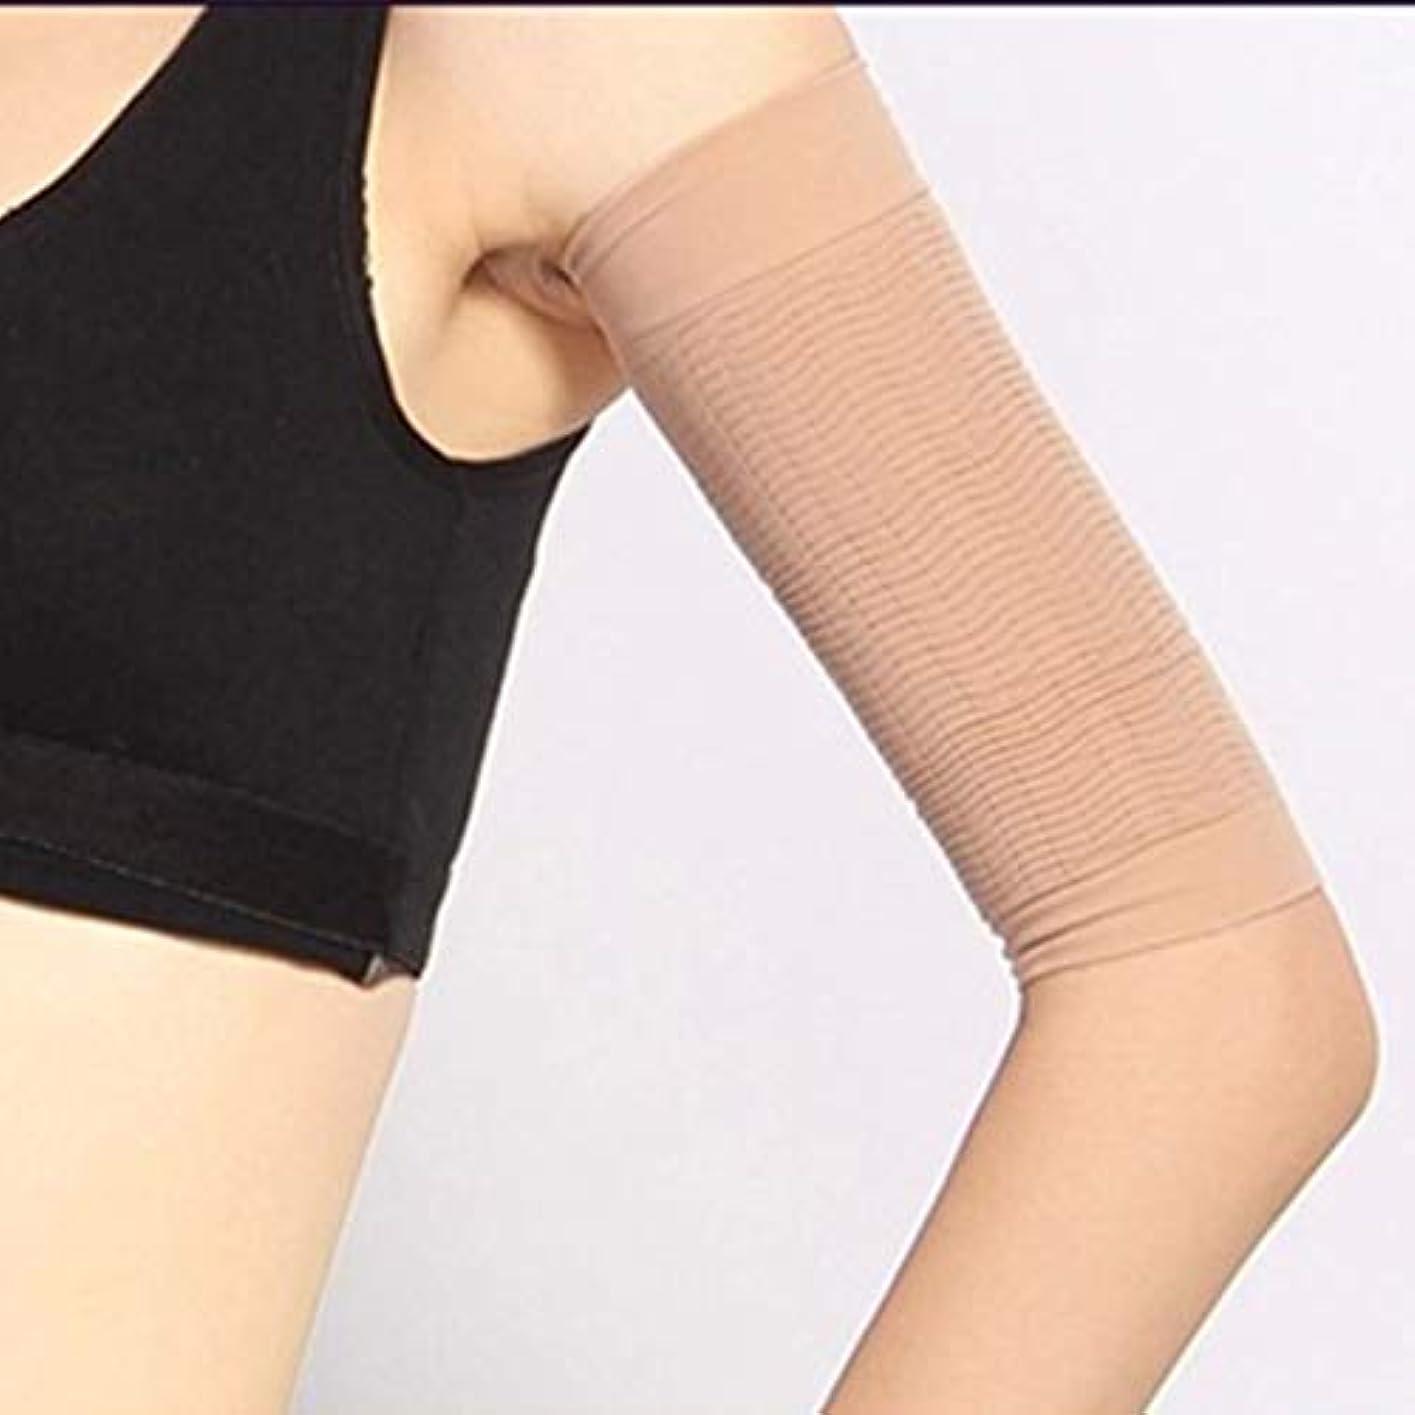 ルーム注文スペードSwiftgood 1ペア420D圧縮スリミングアーム袖ワークアウトトーンティング燃焼セルライトシェイパー脂肪燃焼スリーブ女性用